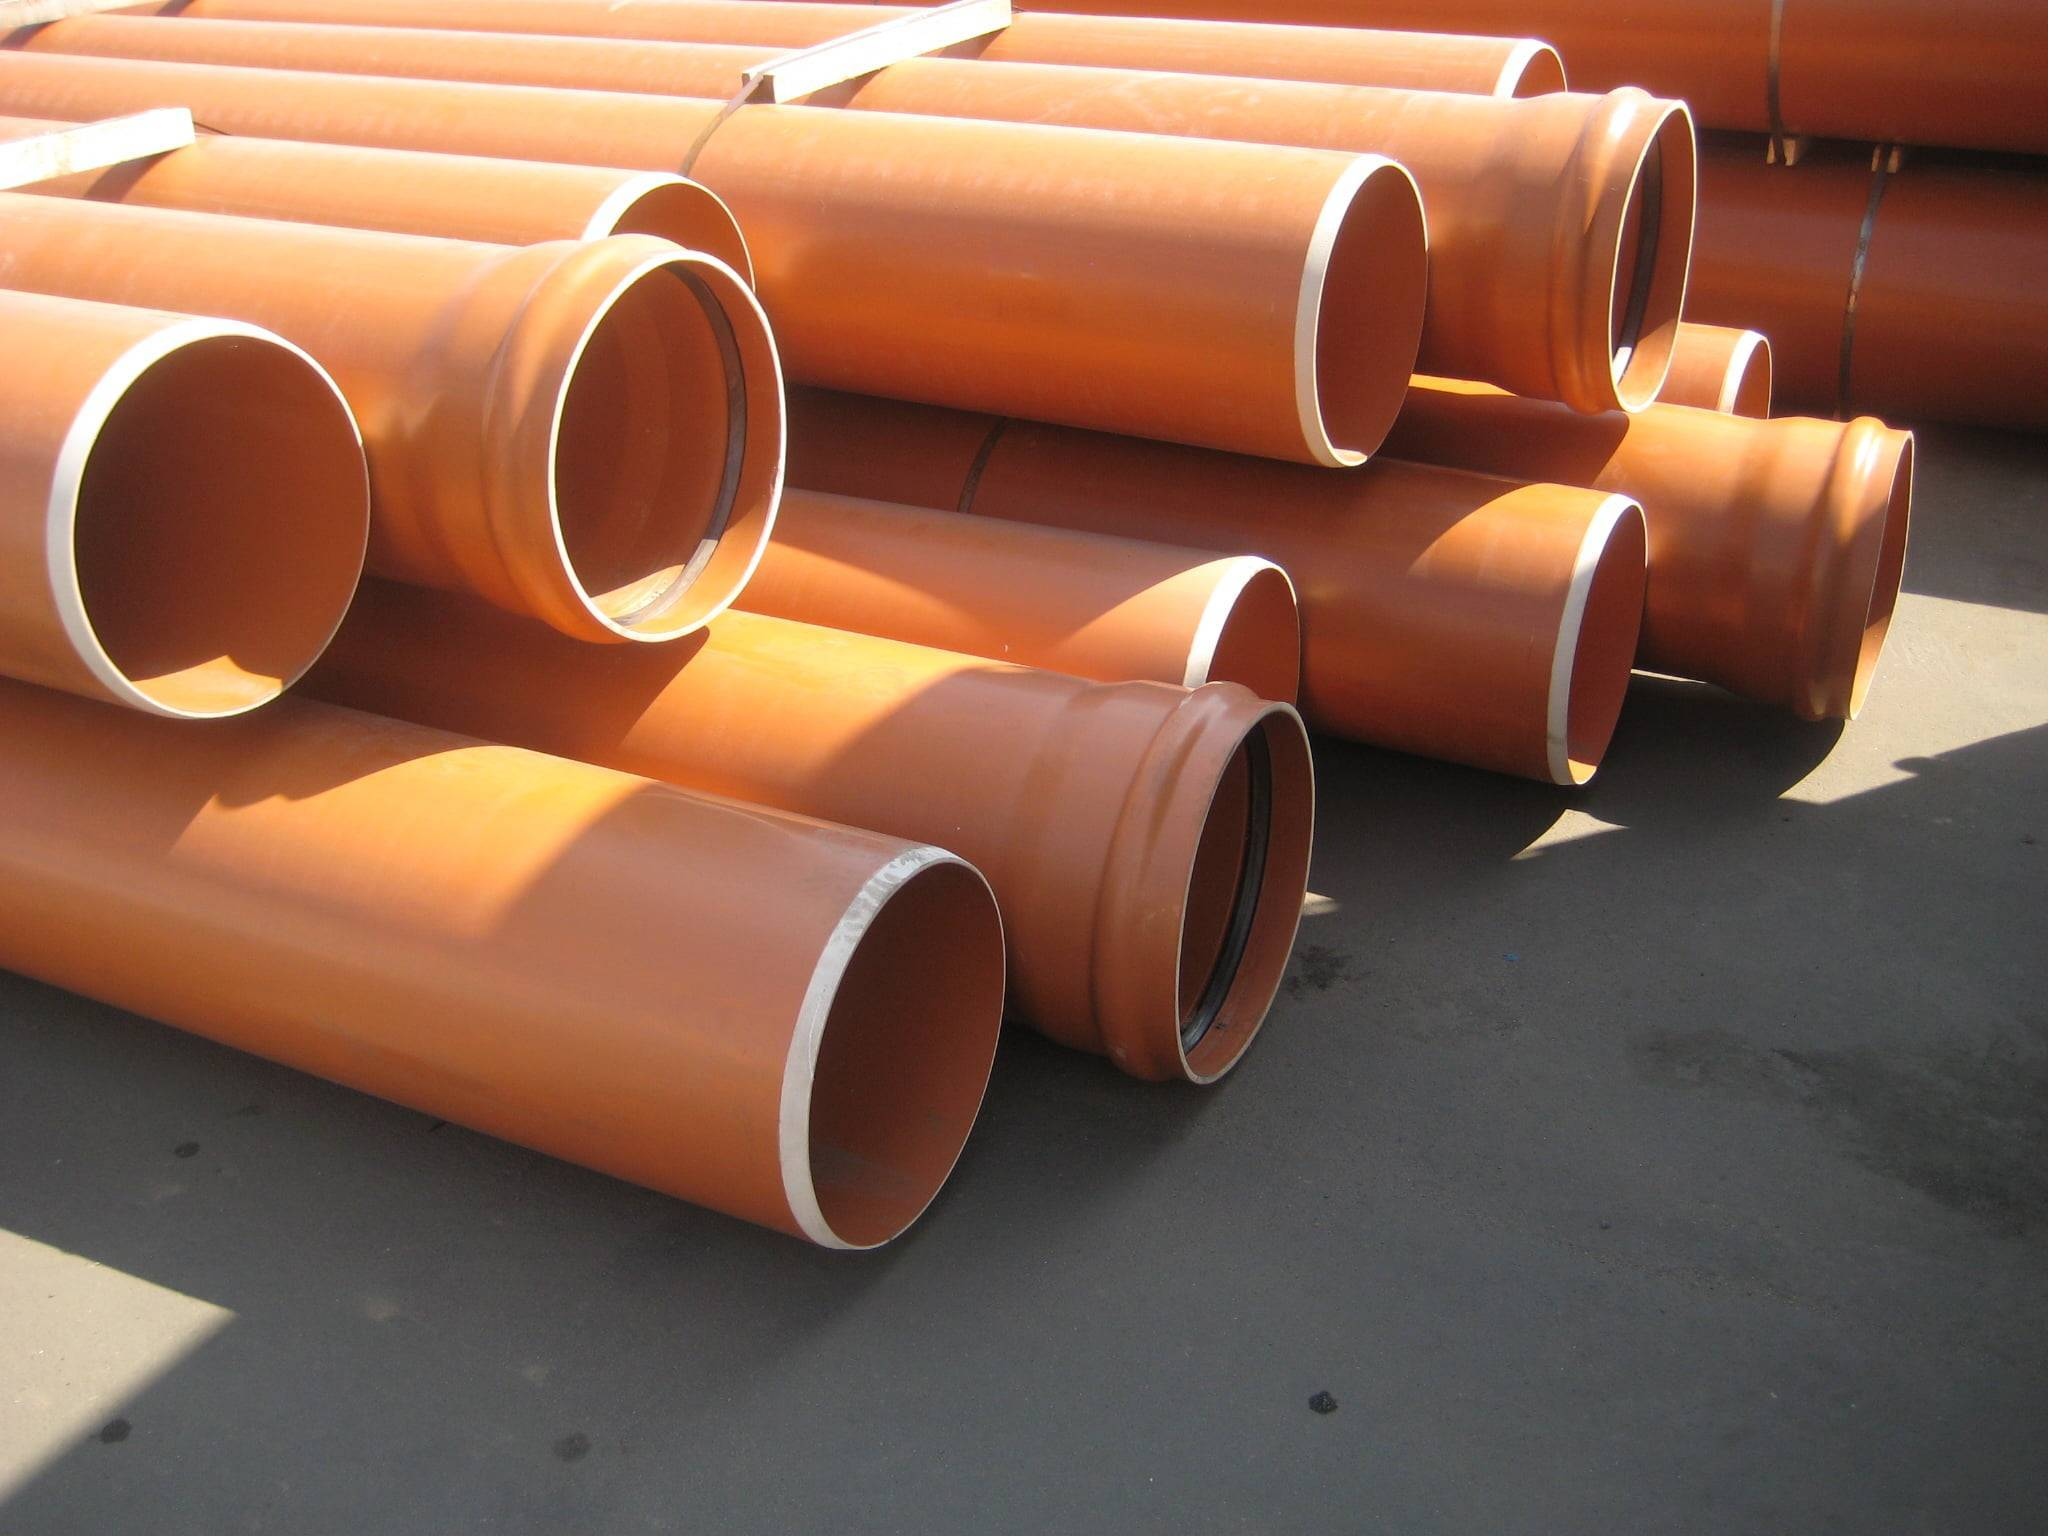 Трубы пвх для водопровода: применение, соединение, монтаж